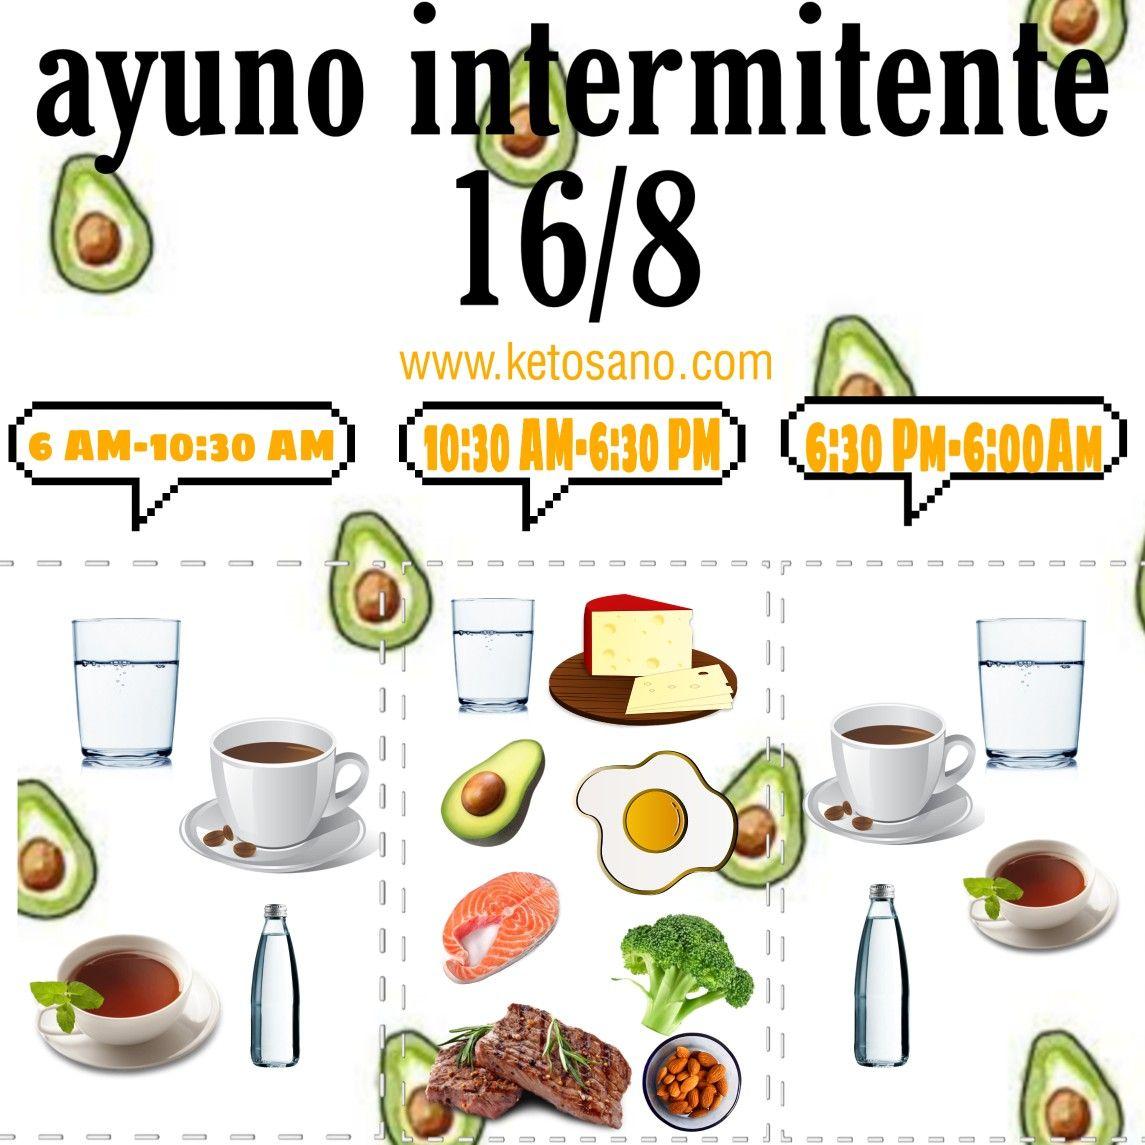 Dieta 16/8 - cum functioneaza, ce se consuma, ce avantaje are - Doctor Menci